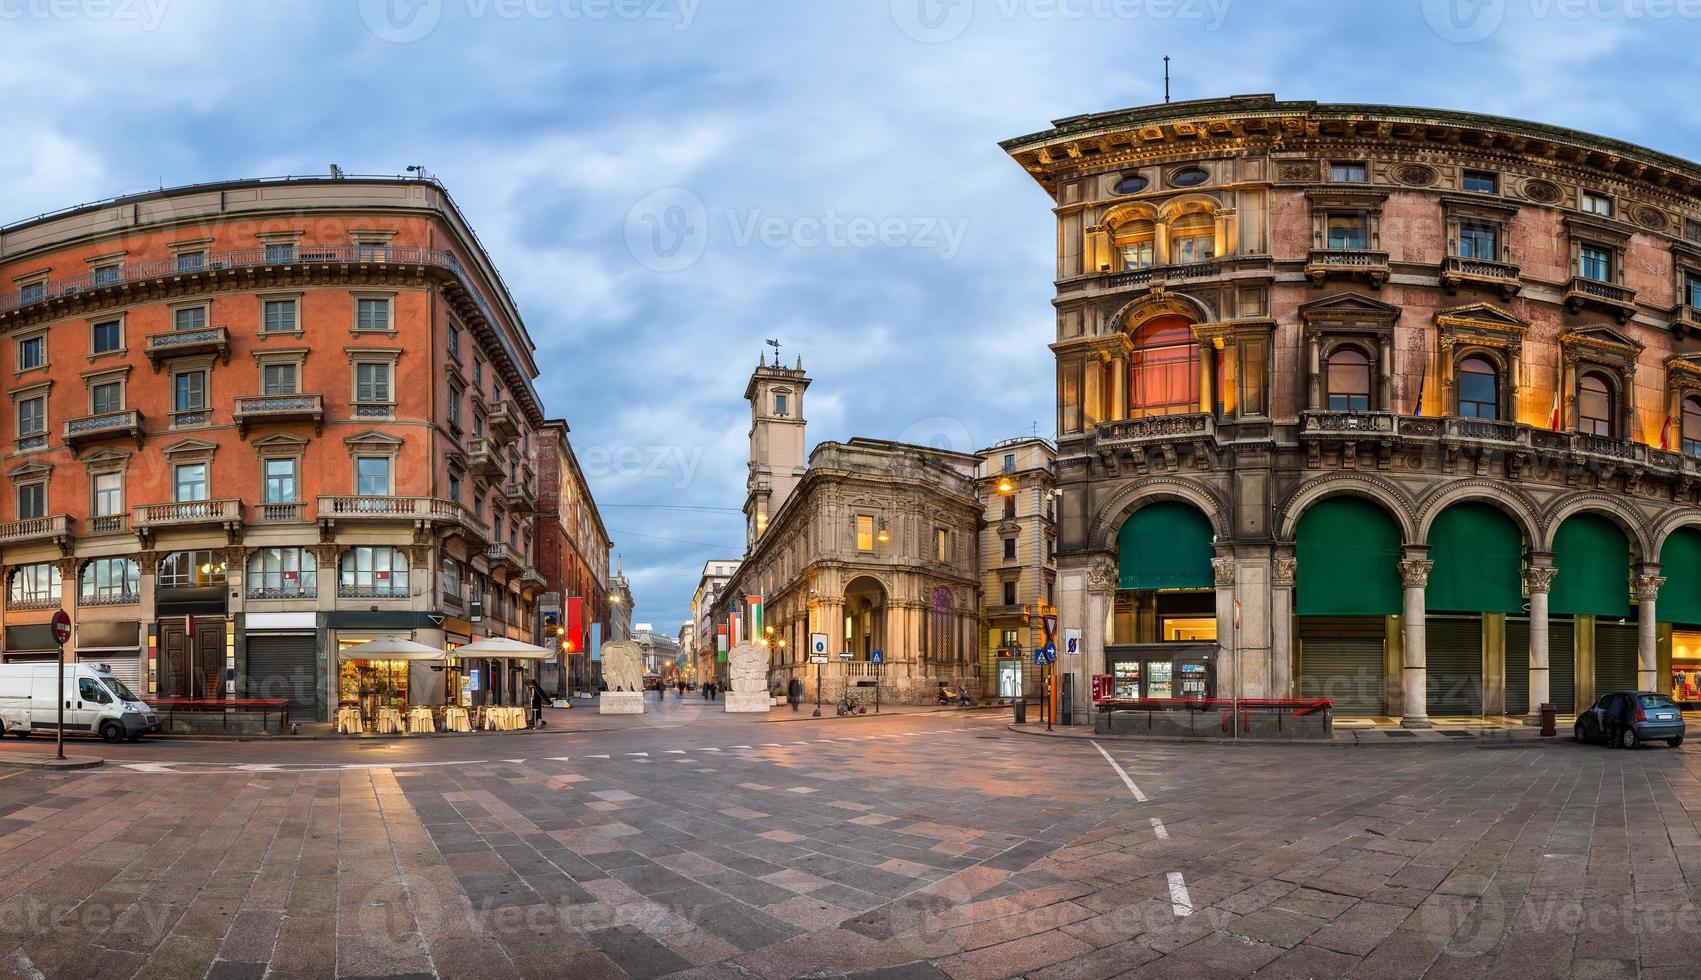 Piazza del Duomo and Via dei Mercanti in the Morning photo